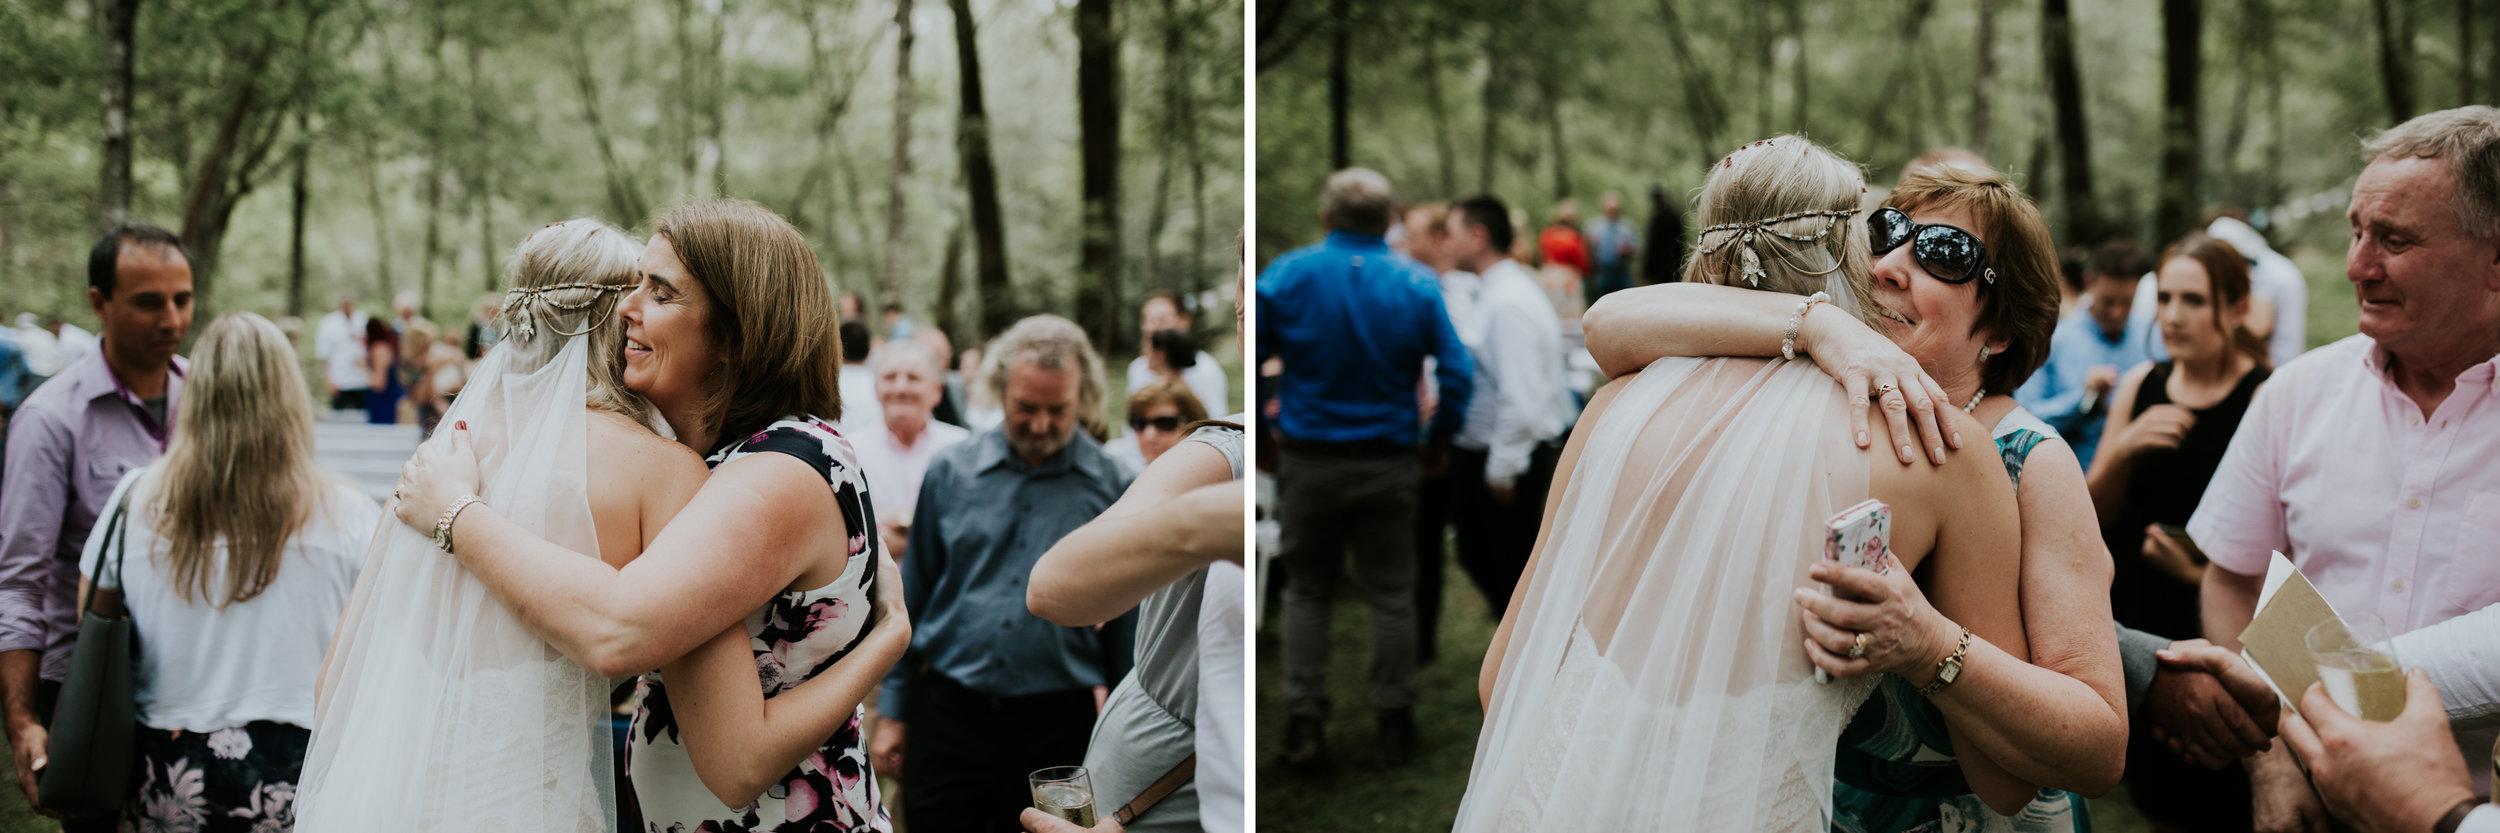 Hugs+Congratulations+Emma+john+Wedding.jpg